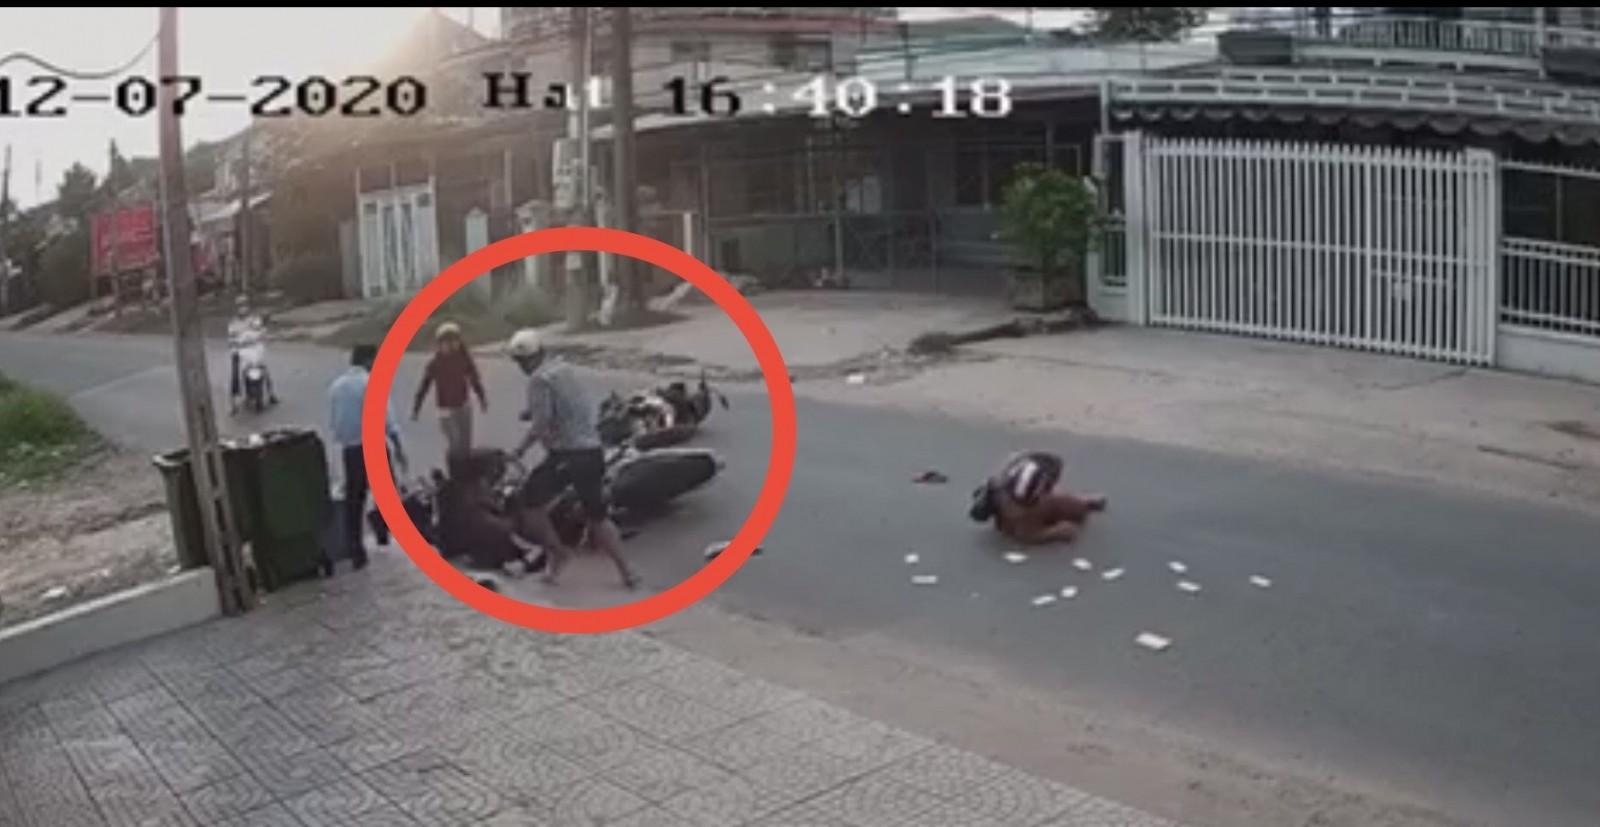 Sau khi xảy ra va chạm giao thông, người đàn ông đã hành hung một em học sinh. Ảnh cắt từ clip